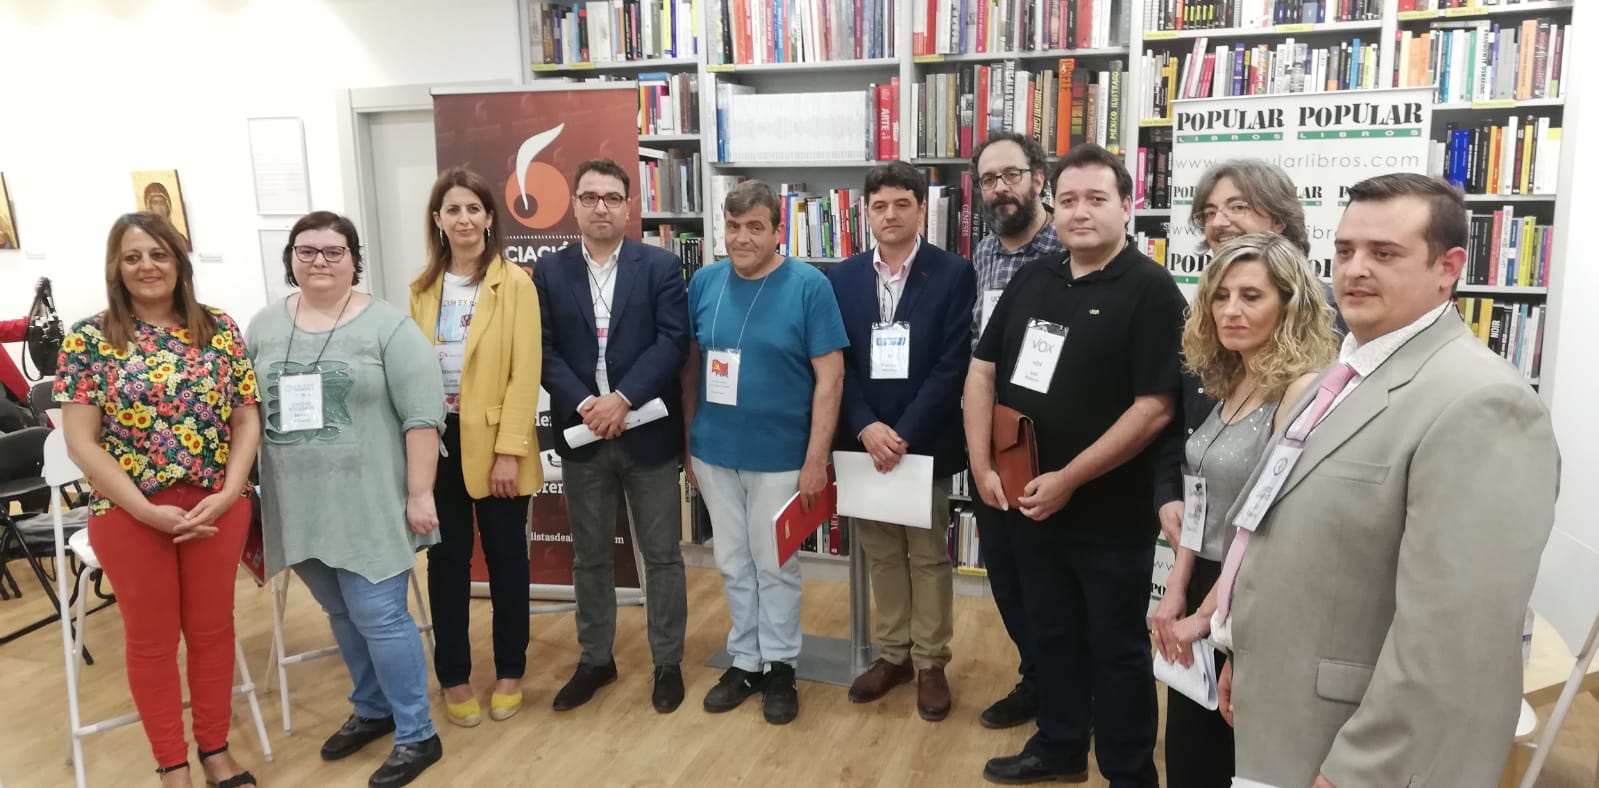 Debate monográfico sobre cultura en Albacete – Elecciones Municipales, Autonomicas y Europeas 2019